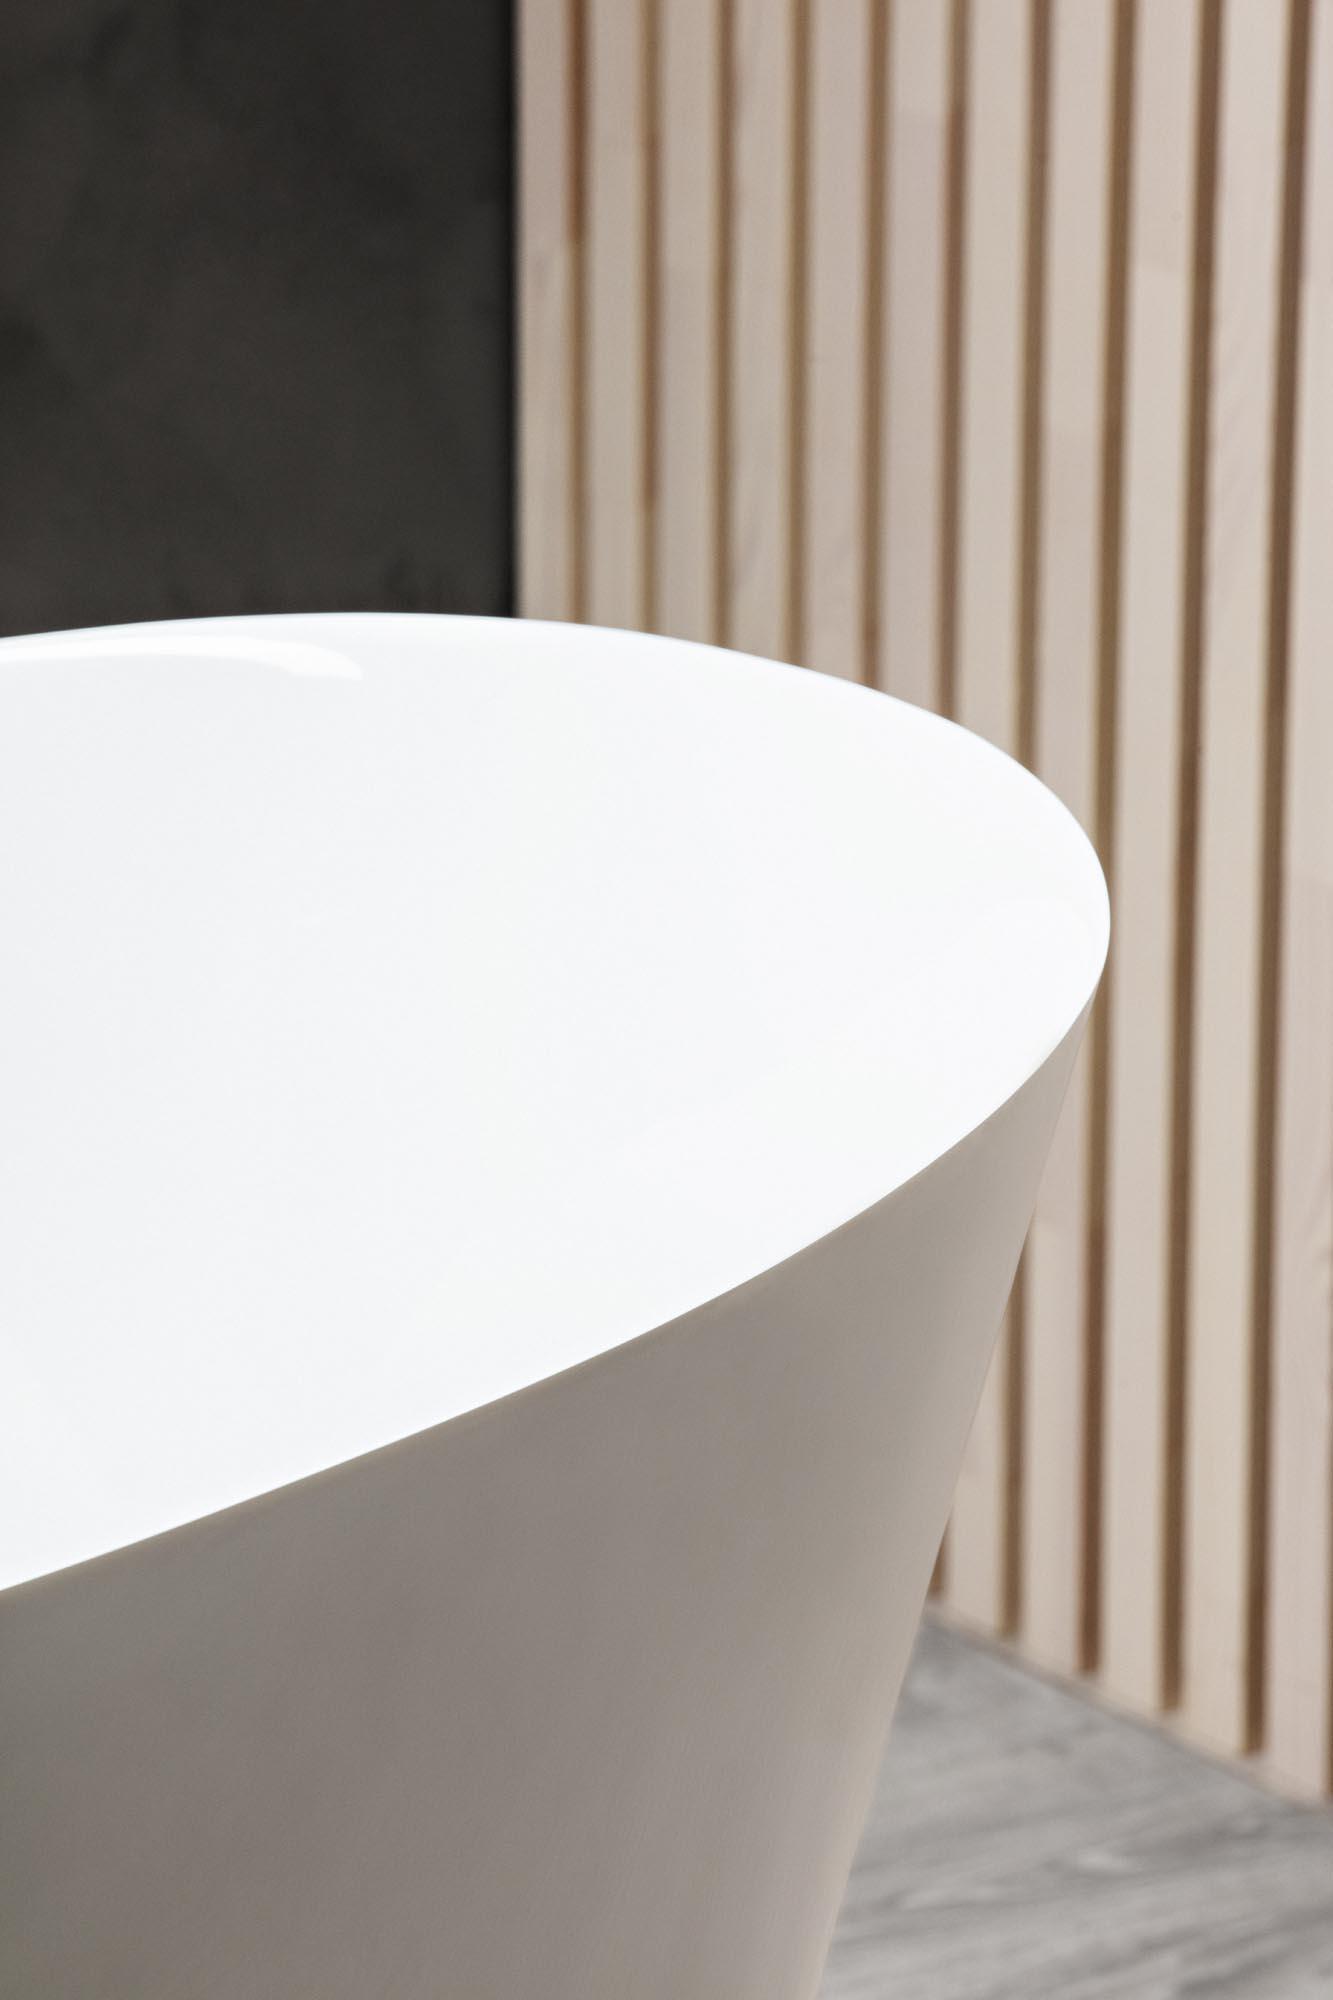 Detaljbilde av badekar i miljø.